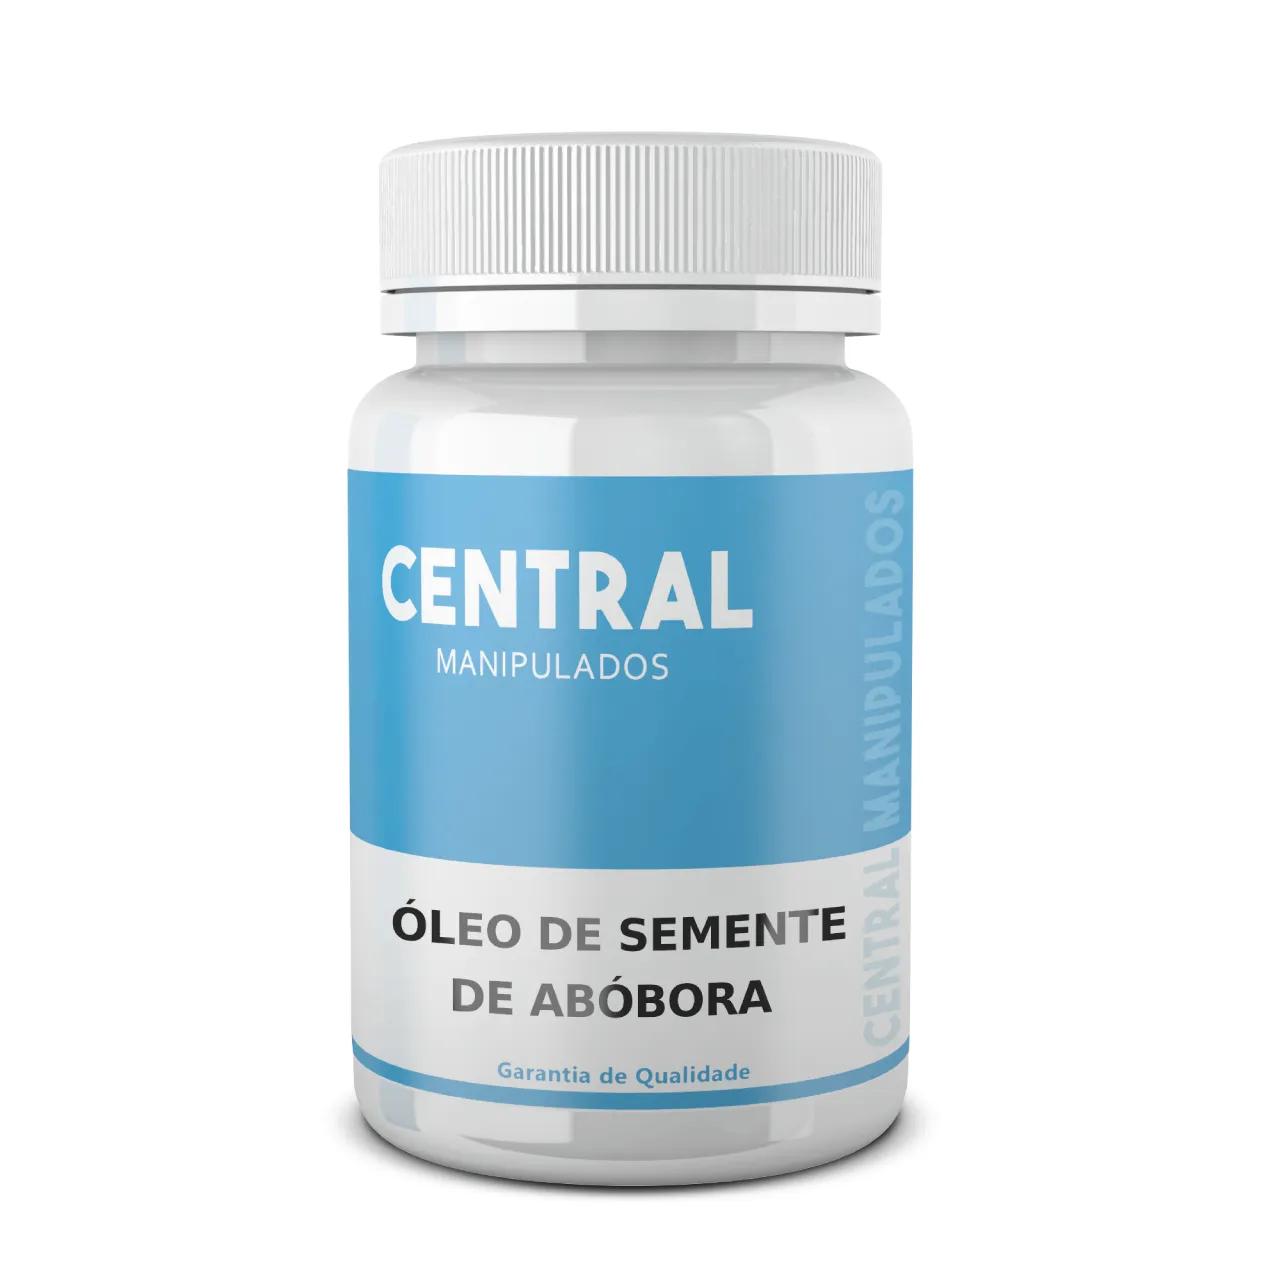 Óleo de Semente de Abóbora 500mg - 90 Cápsulas - Auxilia e previne a queda de cabelo, antiinflamatório e vermífugo natural, detox do corpo